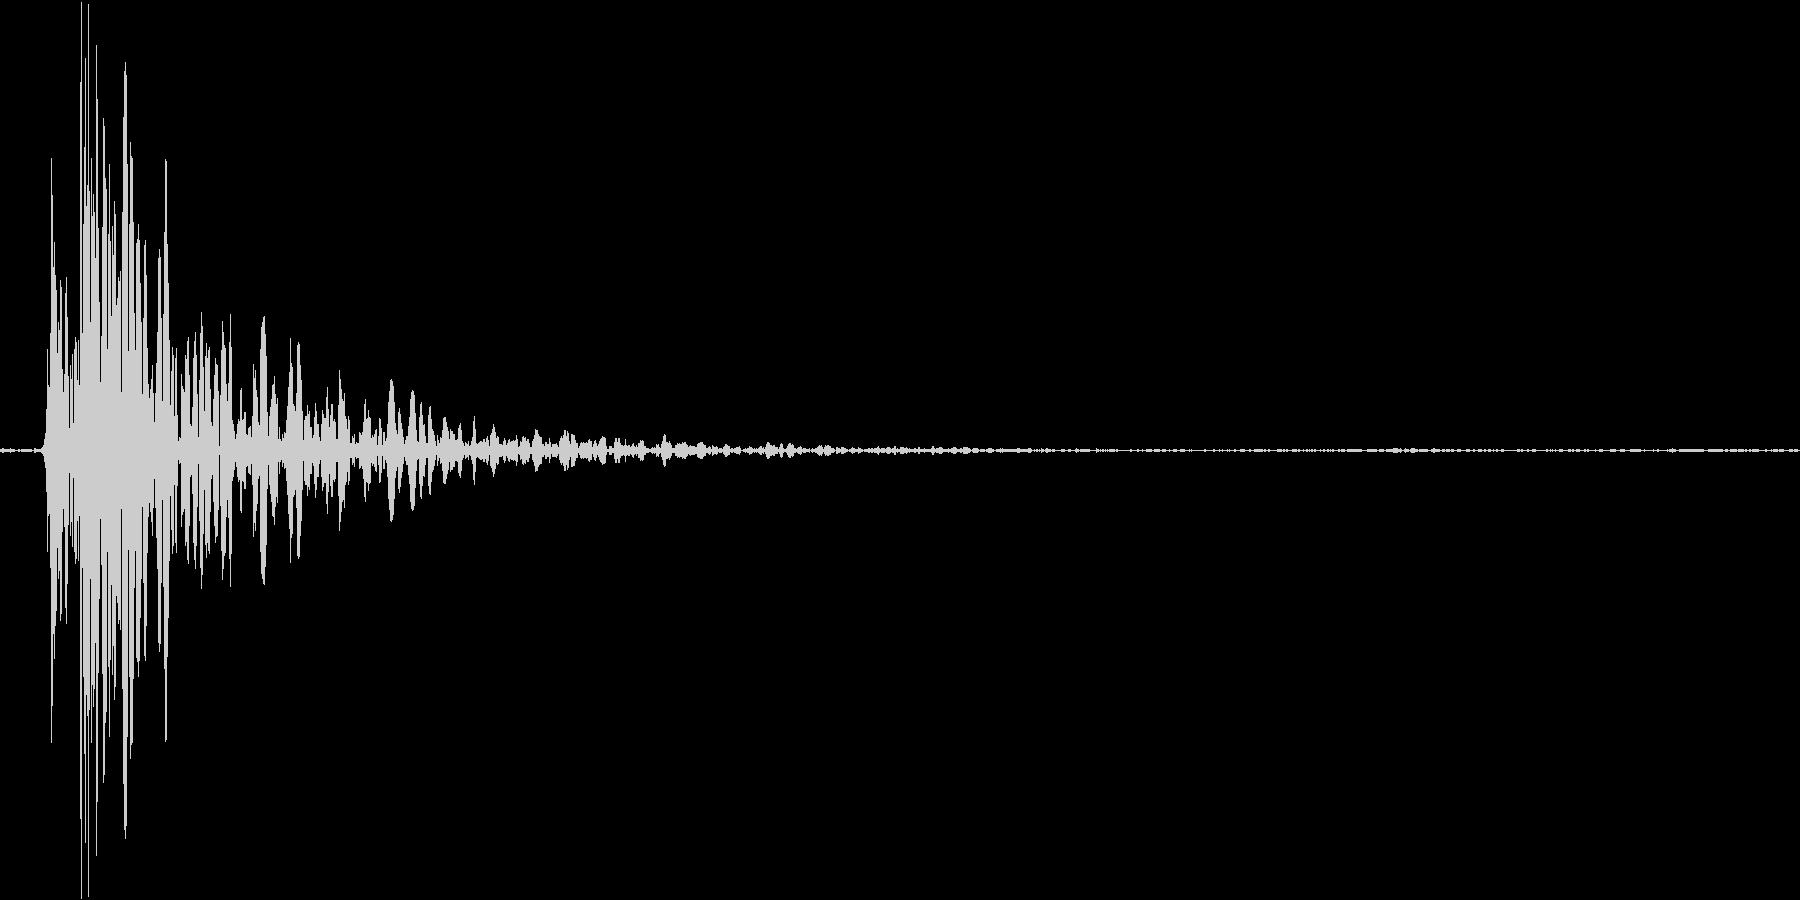 札束をドサッと置いた音の未再生の波形